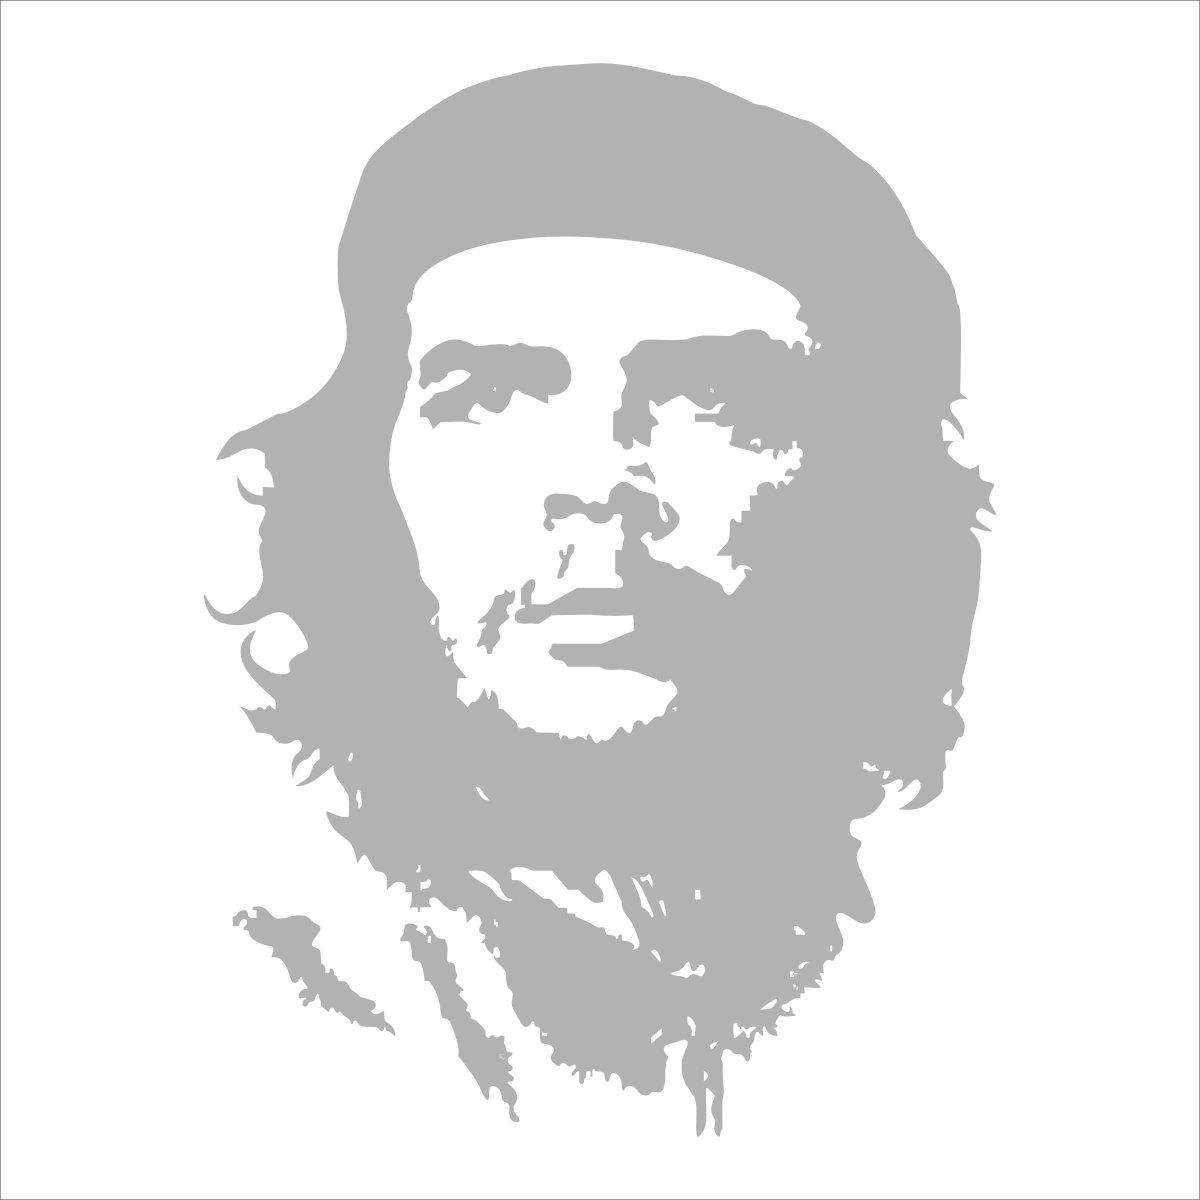 sk 深卡 个性切格瓦拉人物贴纸 系列01款 黑色 25厘米